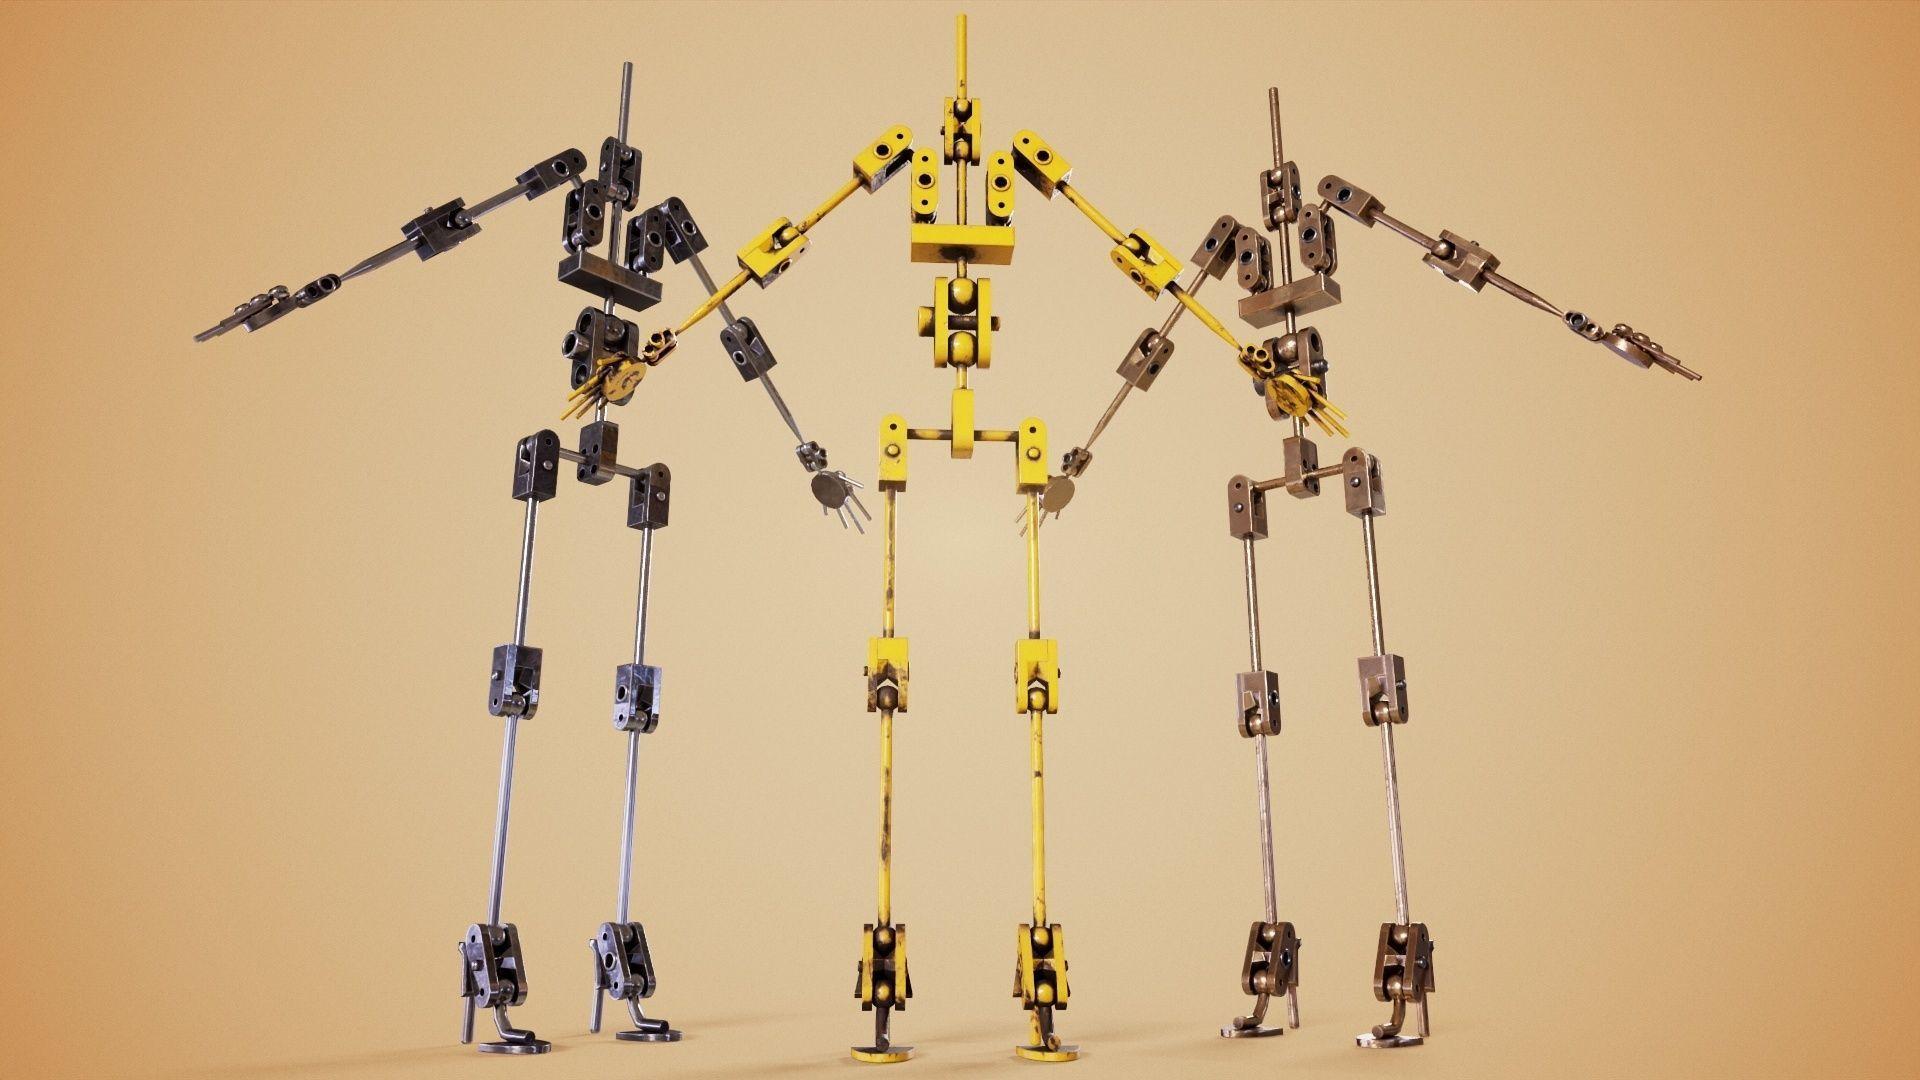 Animatronic Poseable Robot